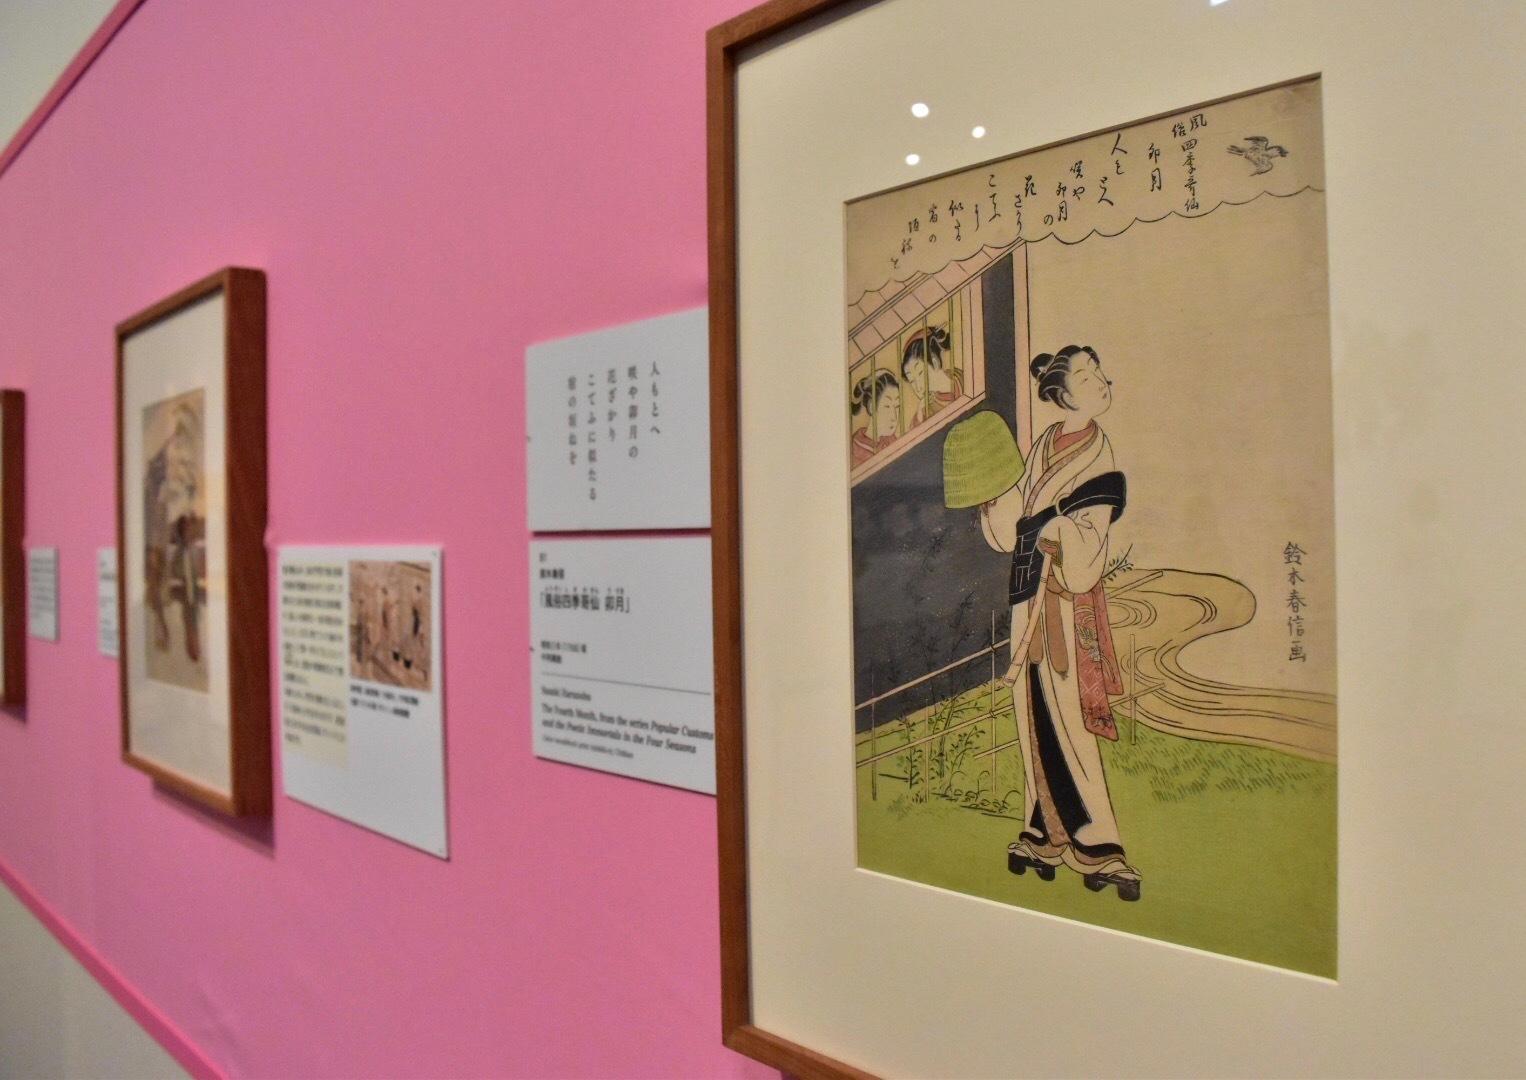 鈴木春信 《「風俗四季哥仙 卯月」》 明和5年(1768)頃 中判錦絵